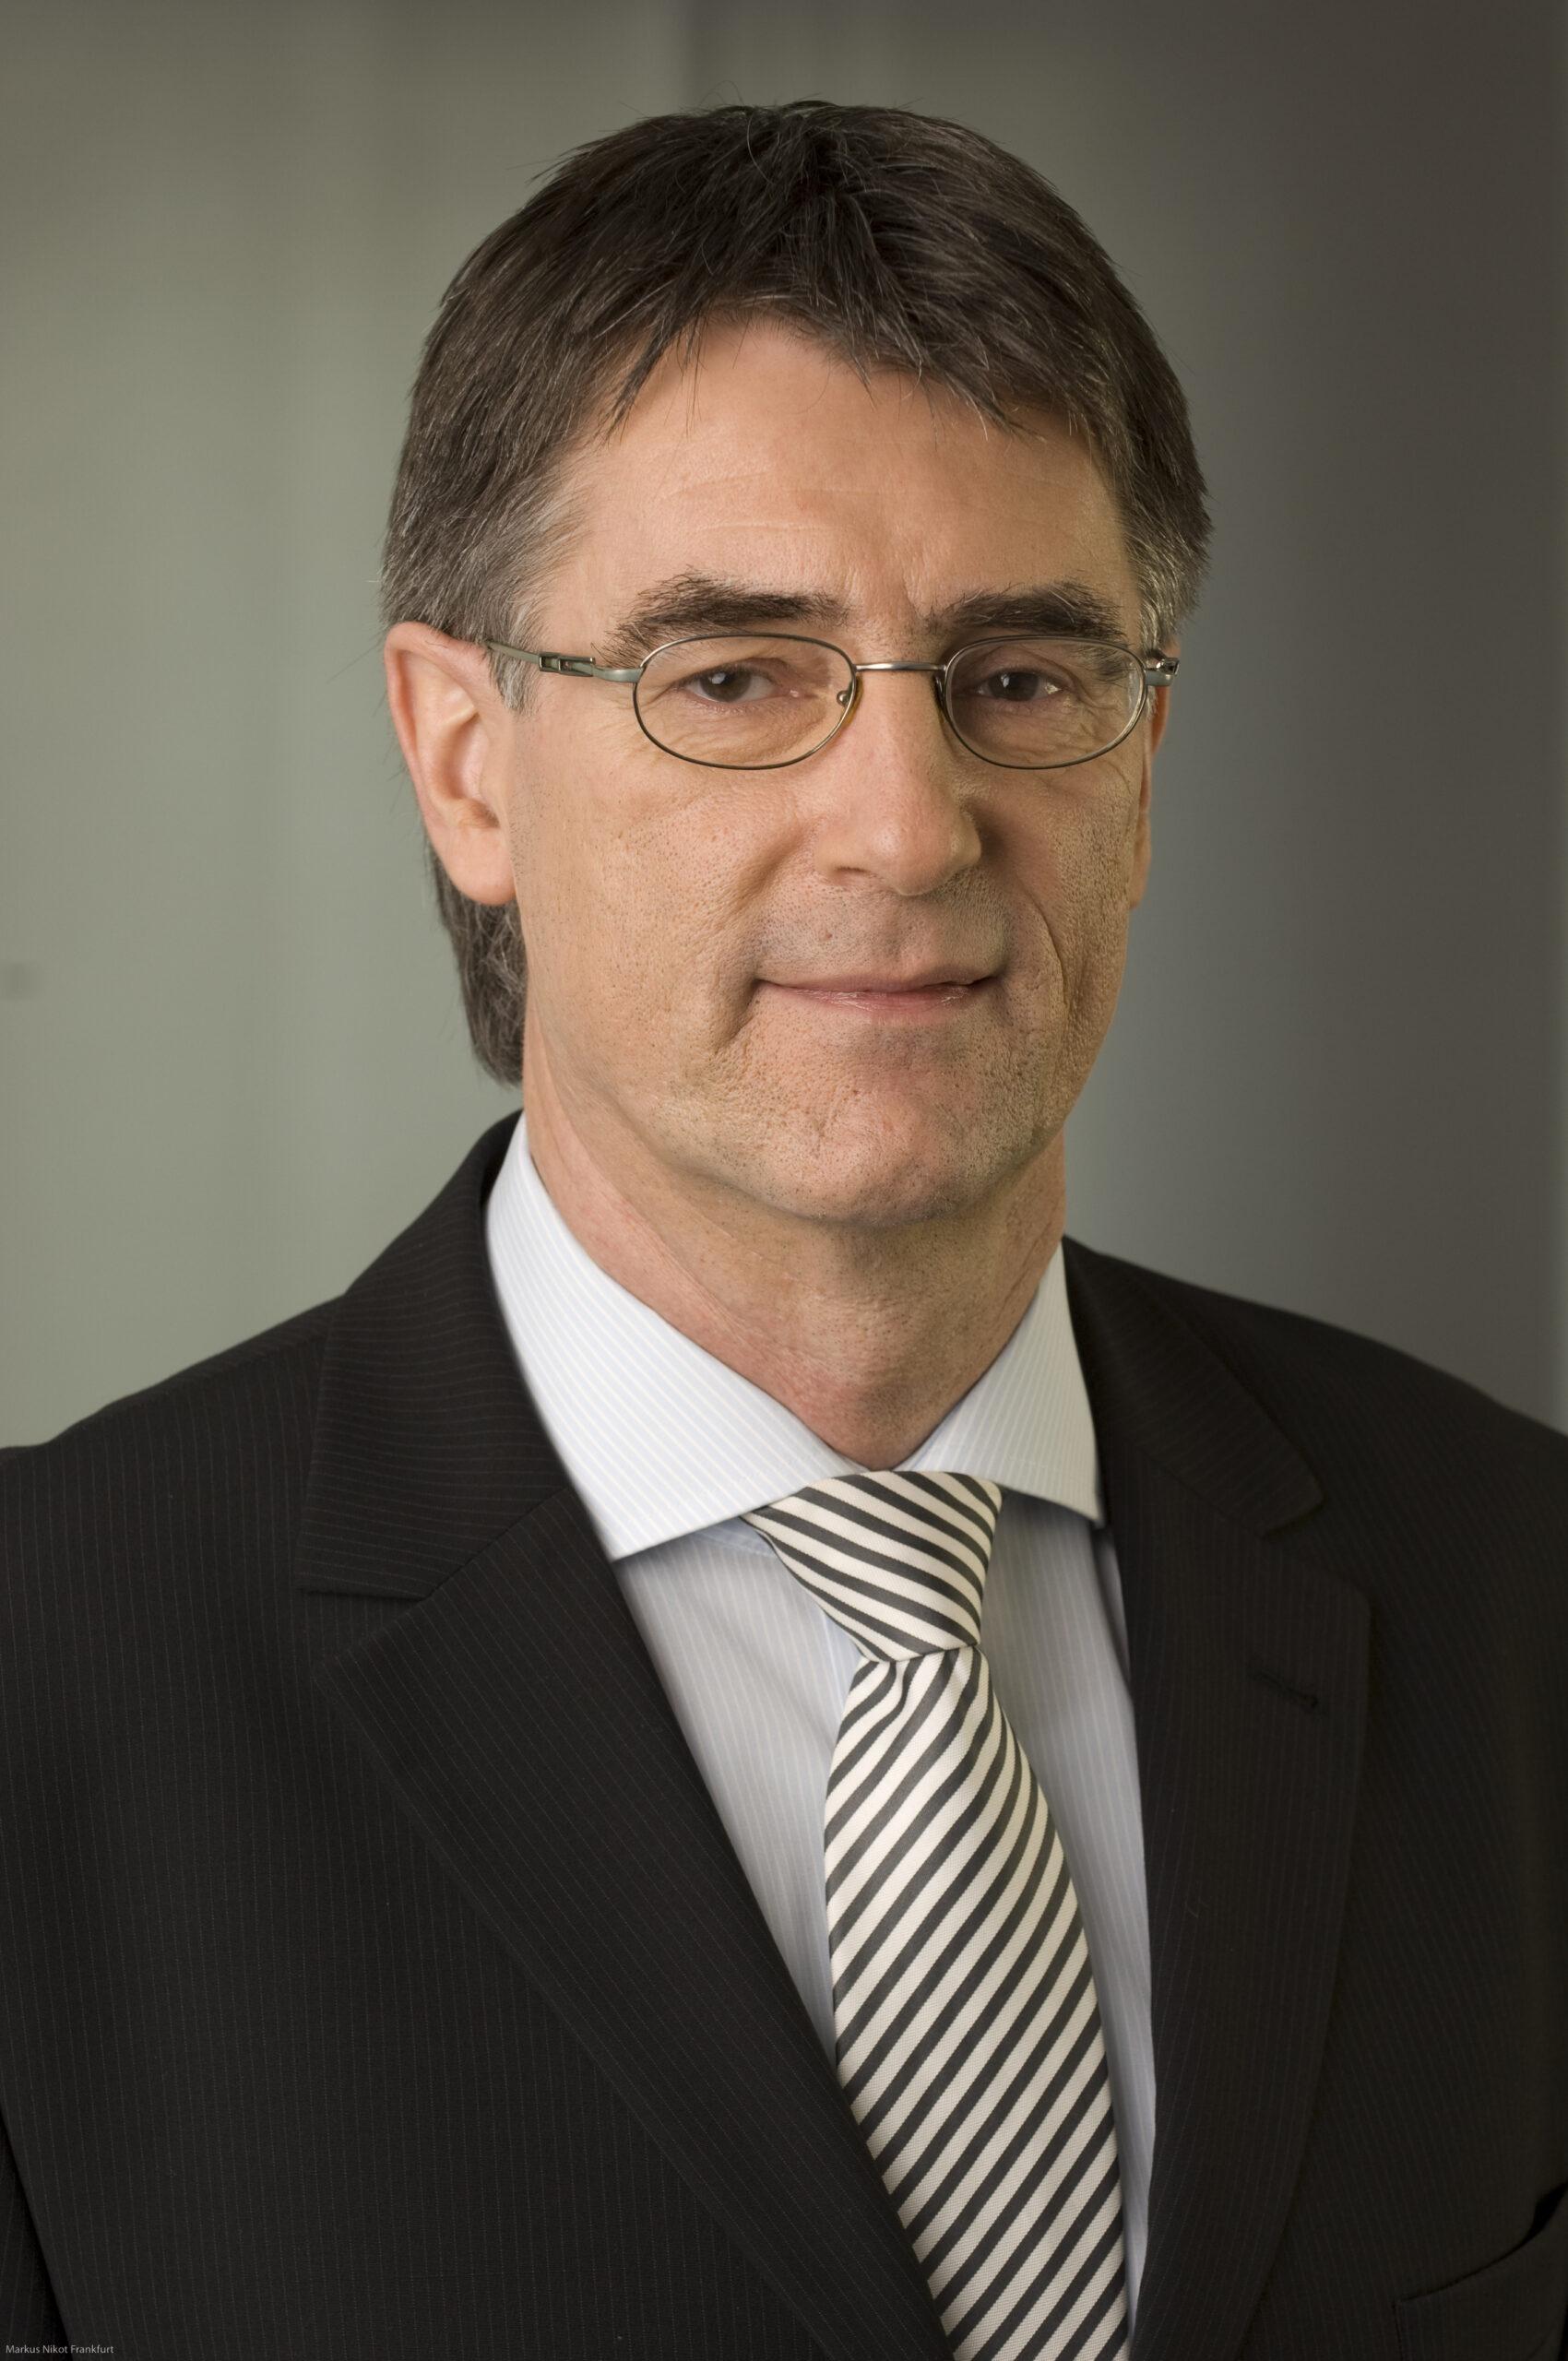 Klaus Heinlein